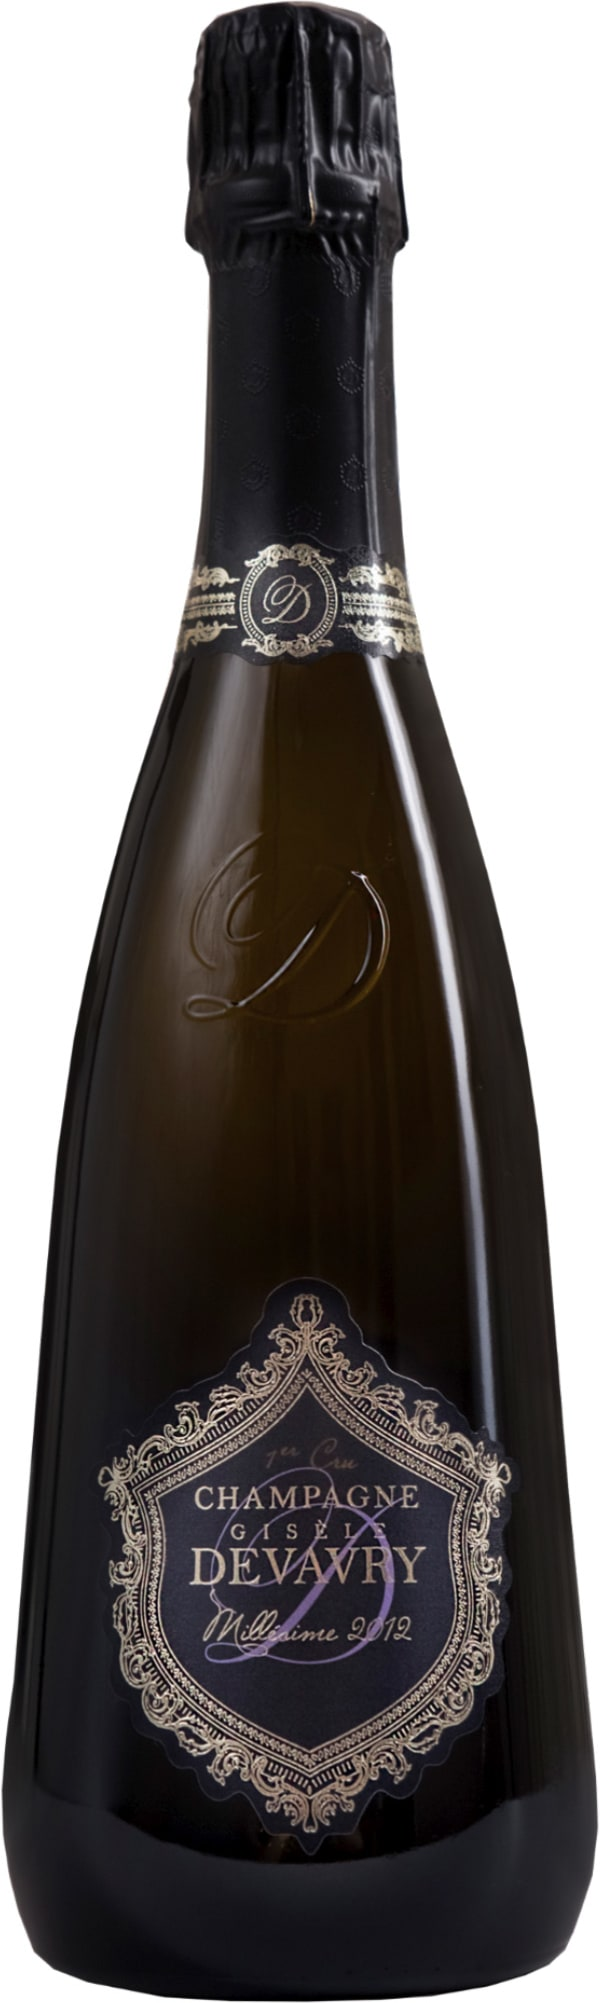 Gisèle Devavry Millésime Champagne Brut Magnum 2012